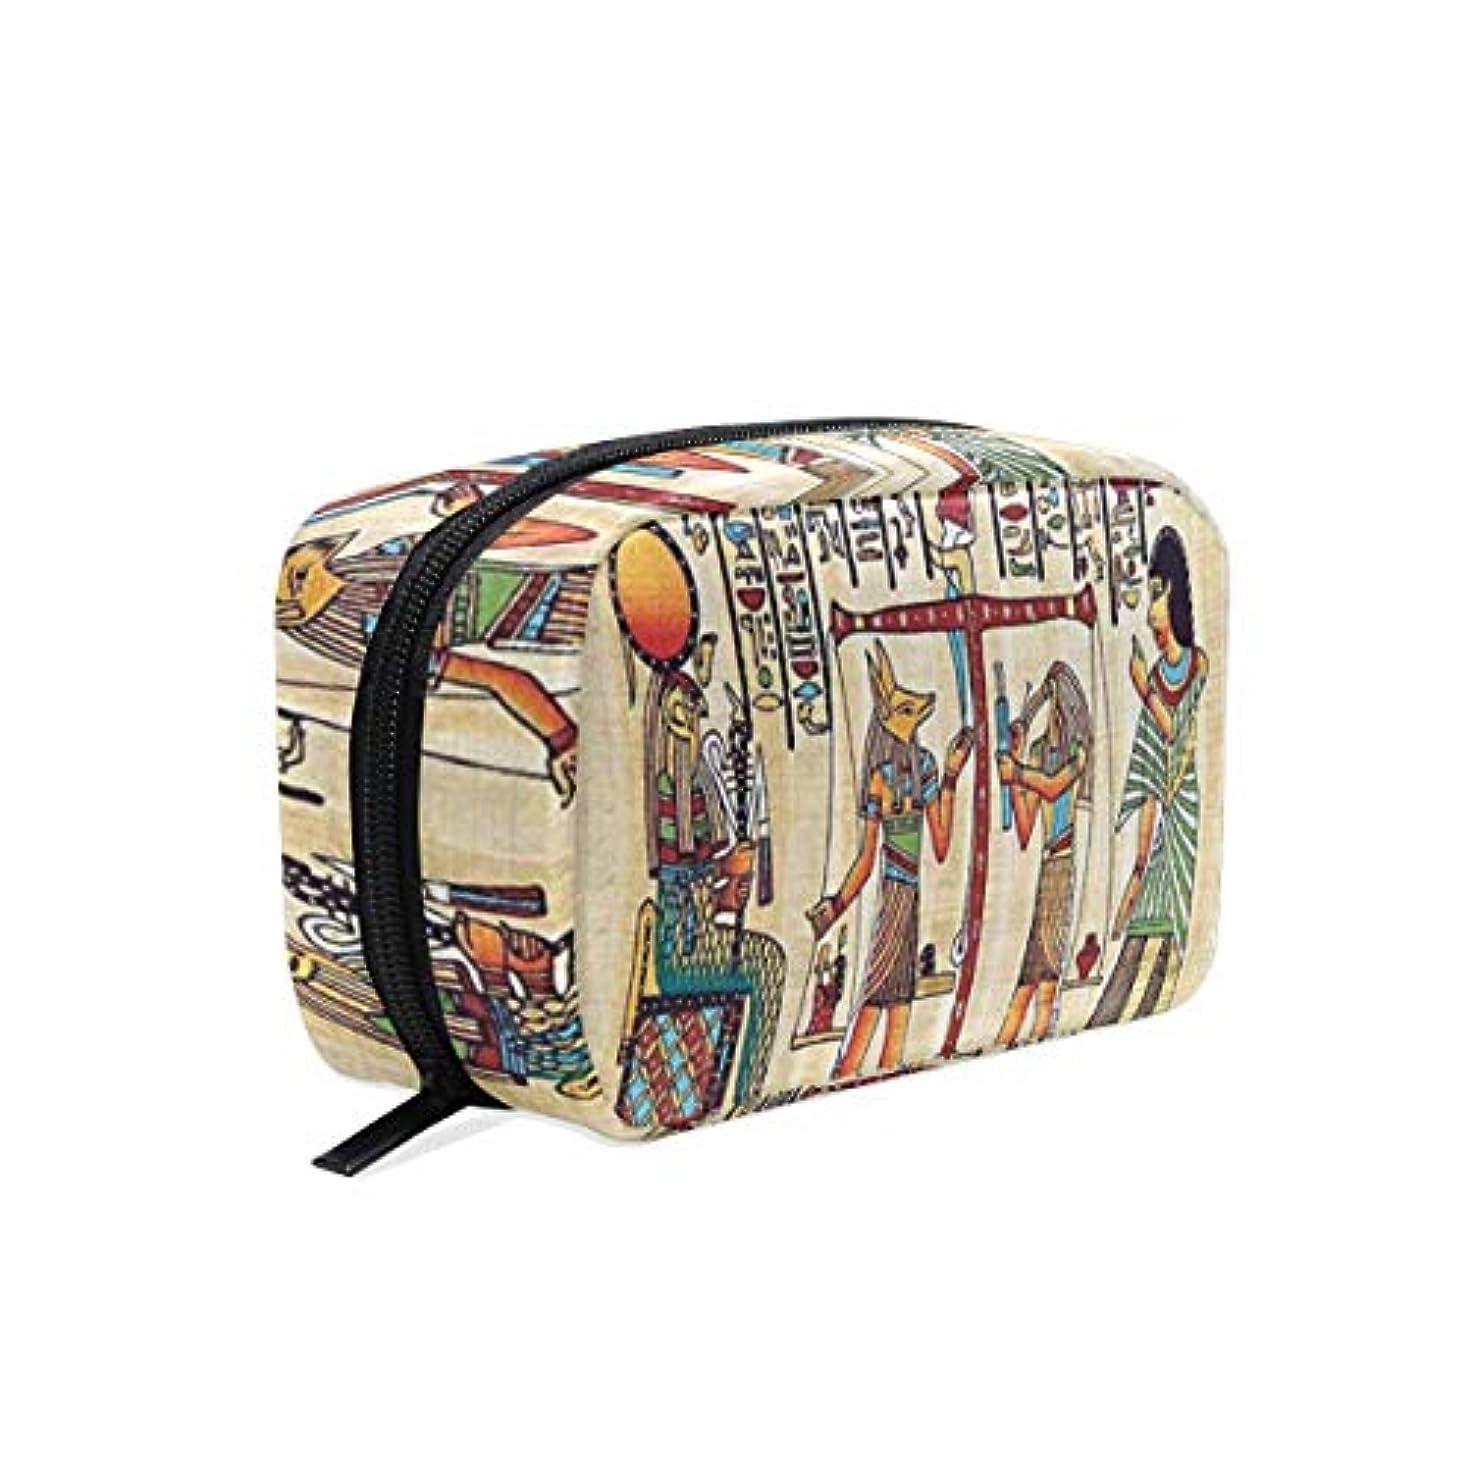 すごい詐欺嫌なCW-Story エジプト装飾 女性の化粧ポーチ コスメケース 旅行 化粧品 収納 雑貨 小物入れ 出張用バック 超軽量 機能的 大容量